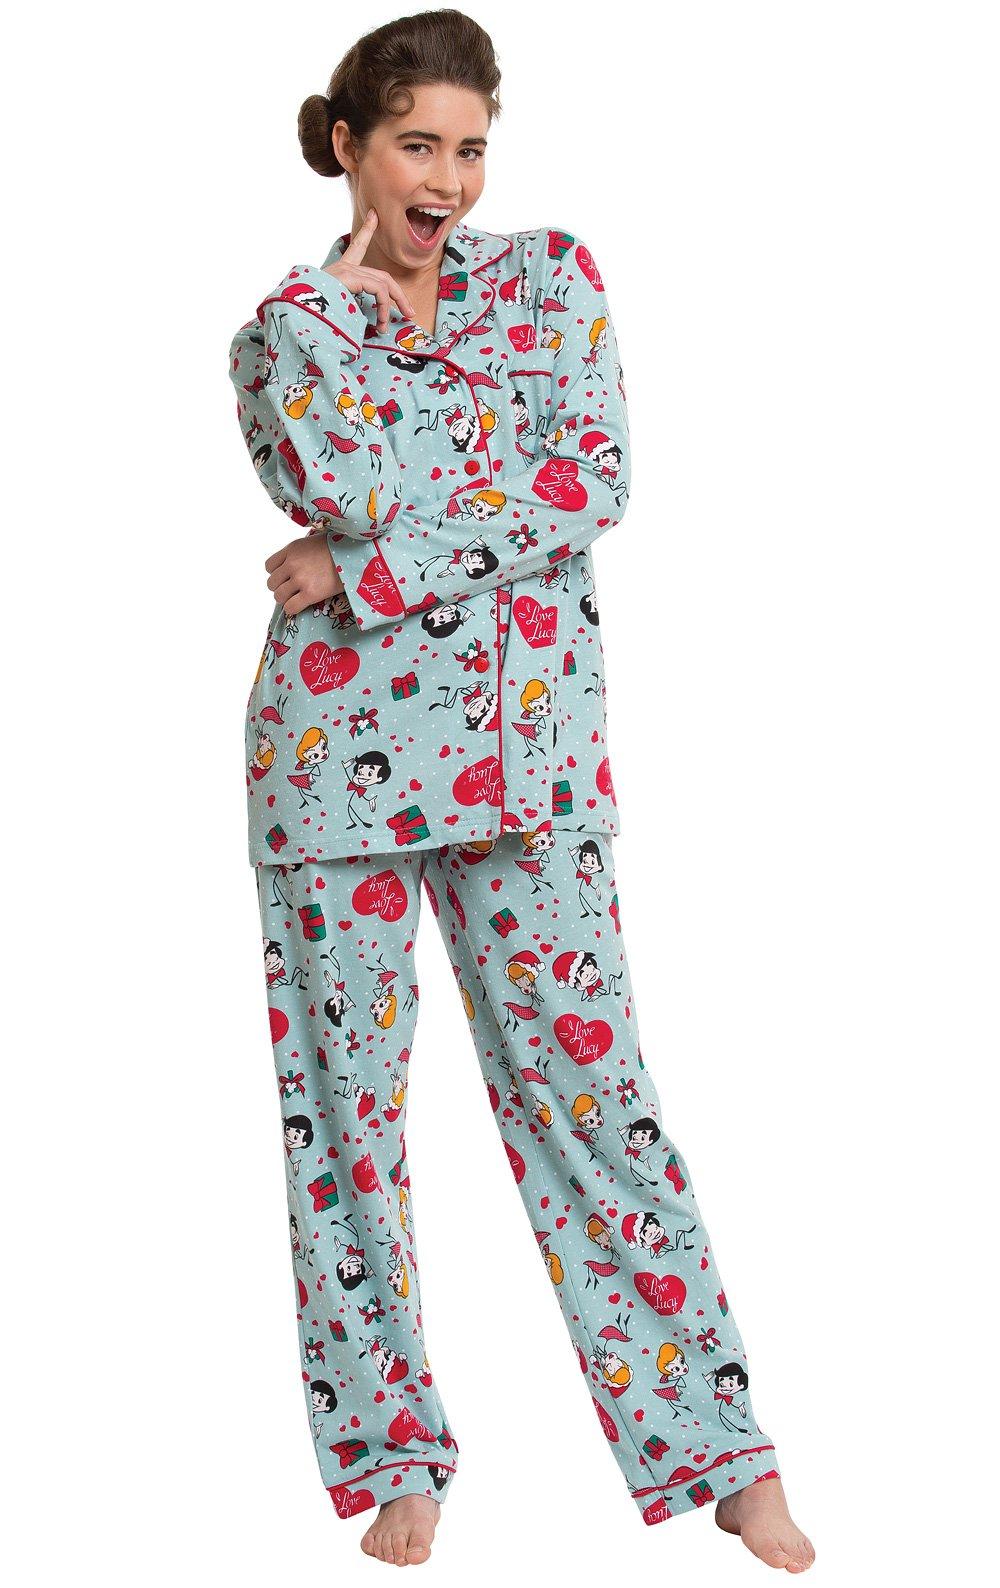 PajamaGram Women's Christmas Pajamas Cotton - I Love Lucy, Light Blue, M, 8-10